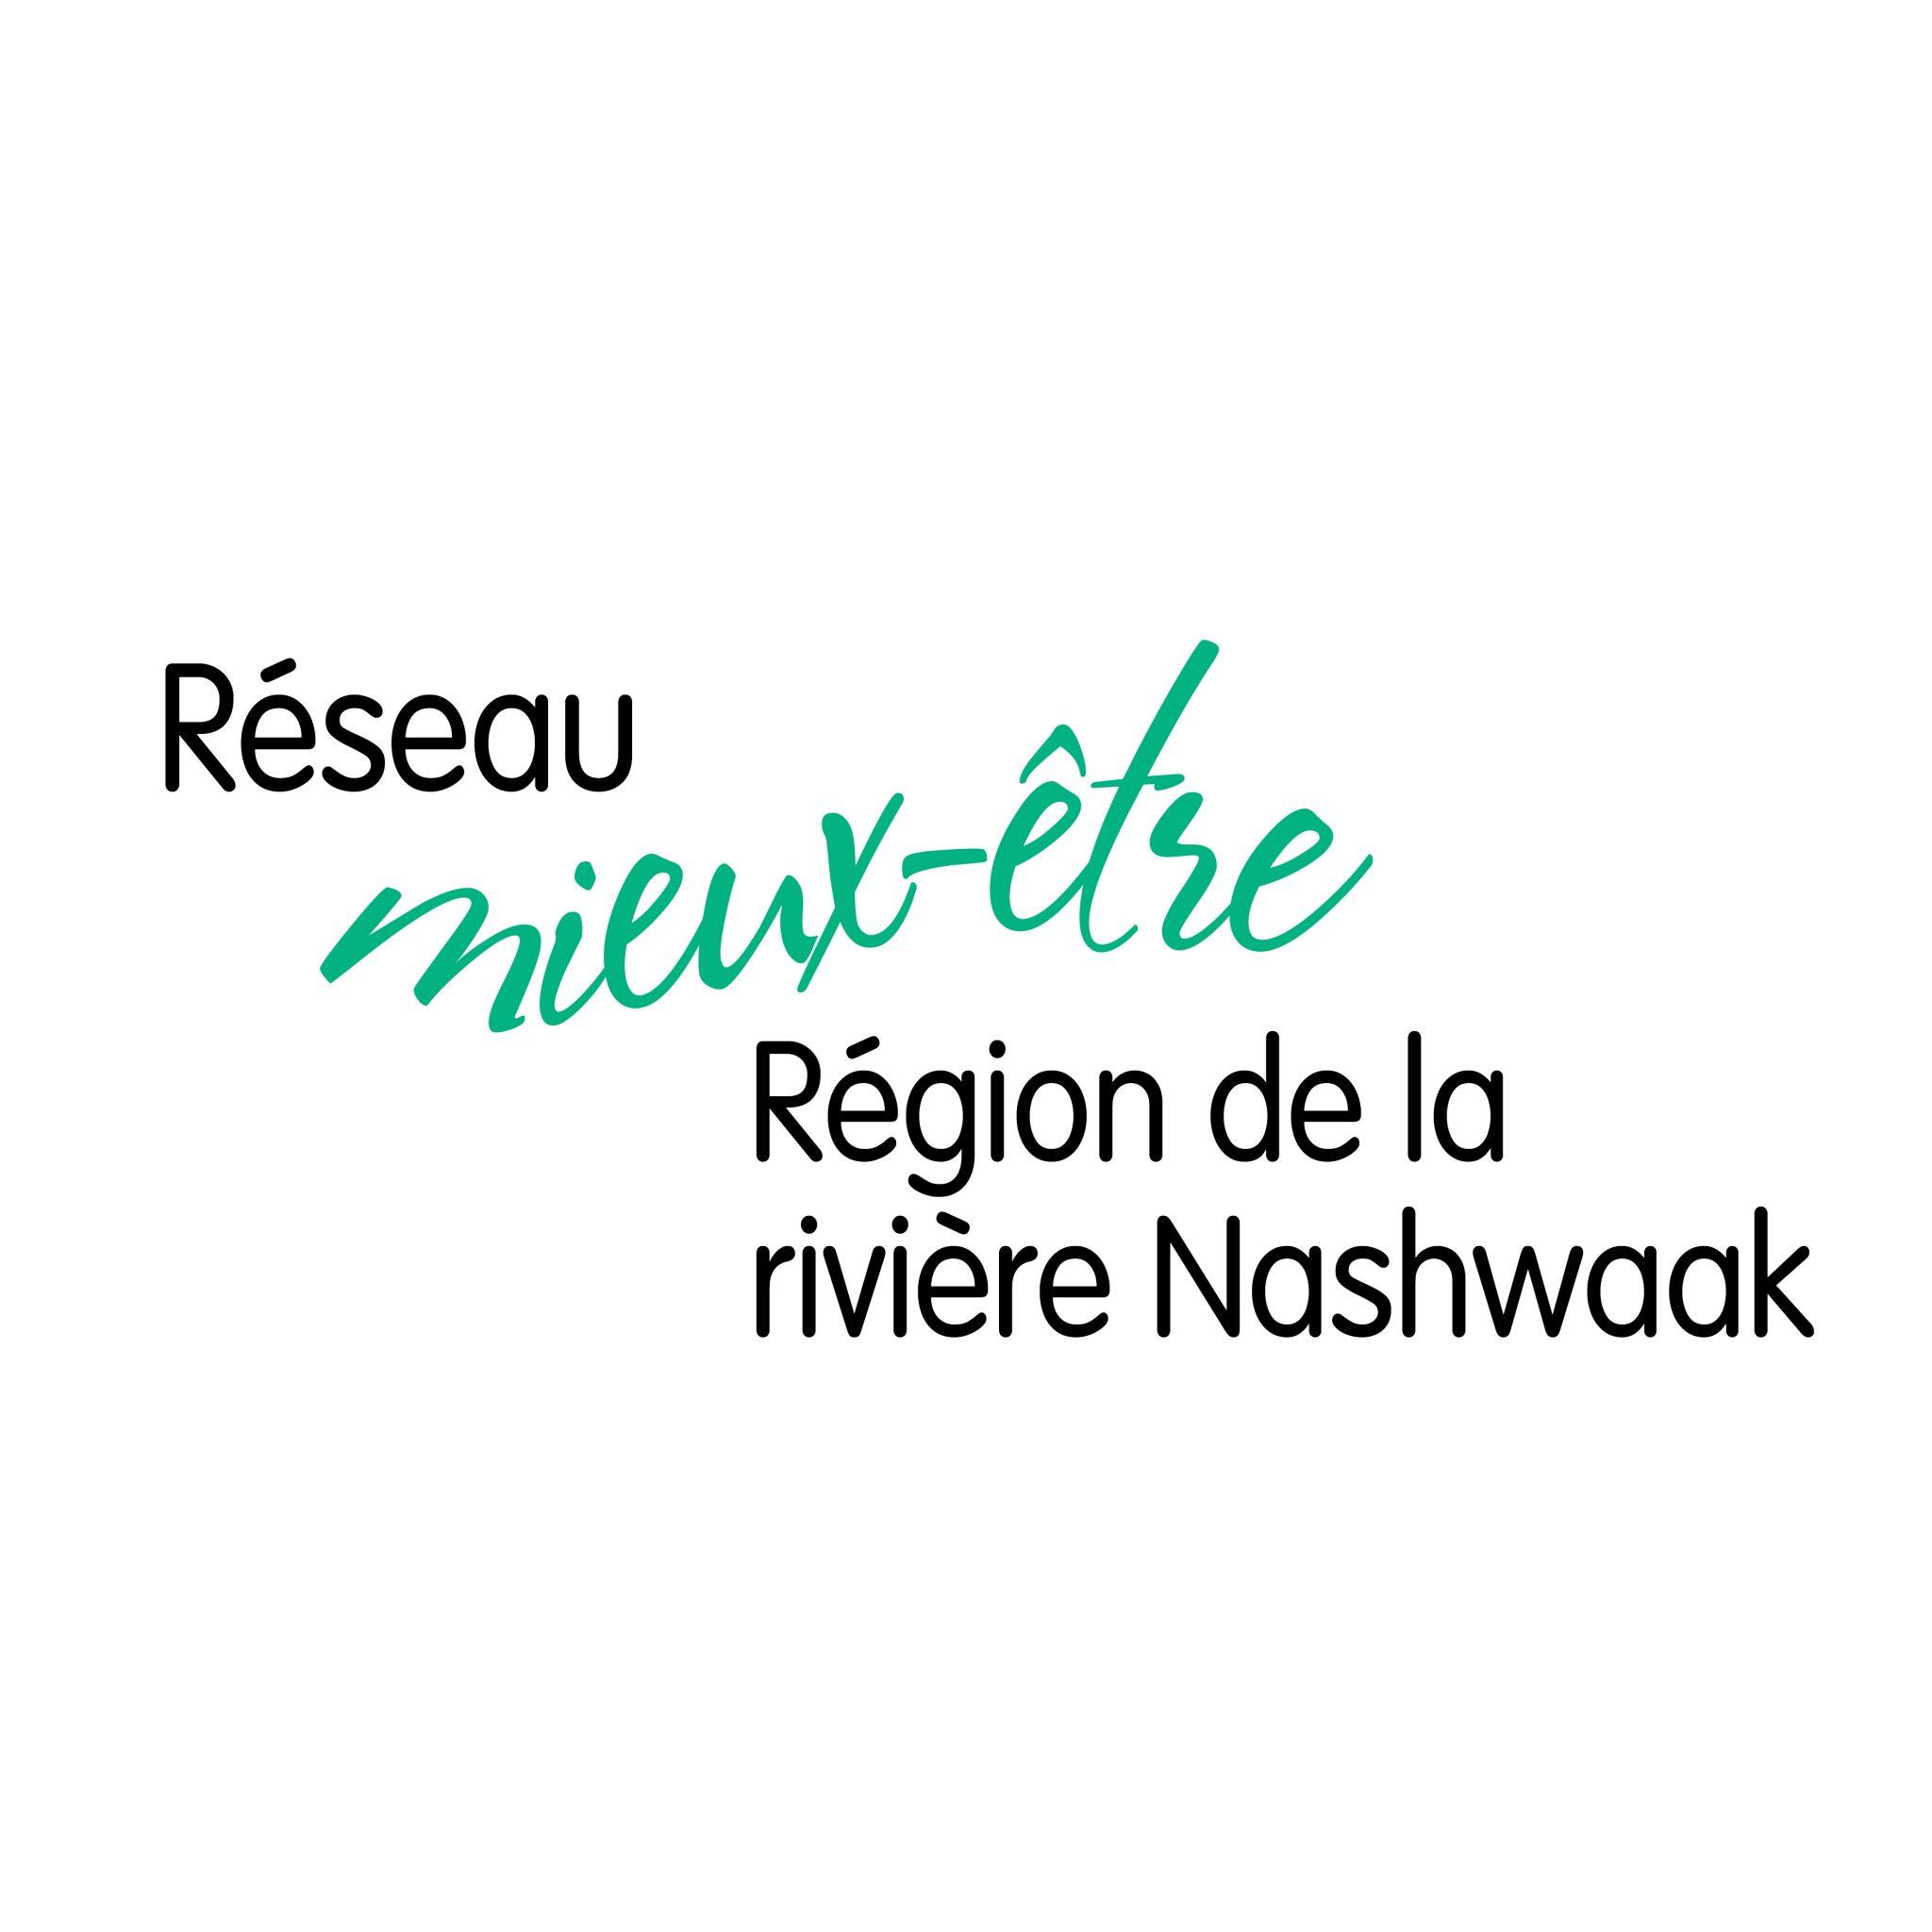 Région de la riviere Nashwaak